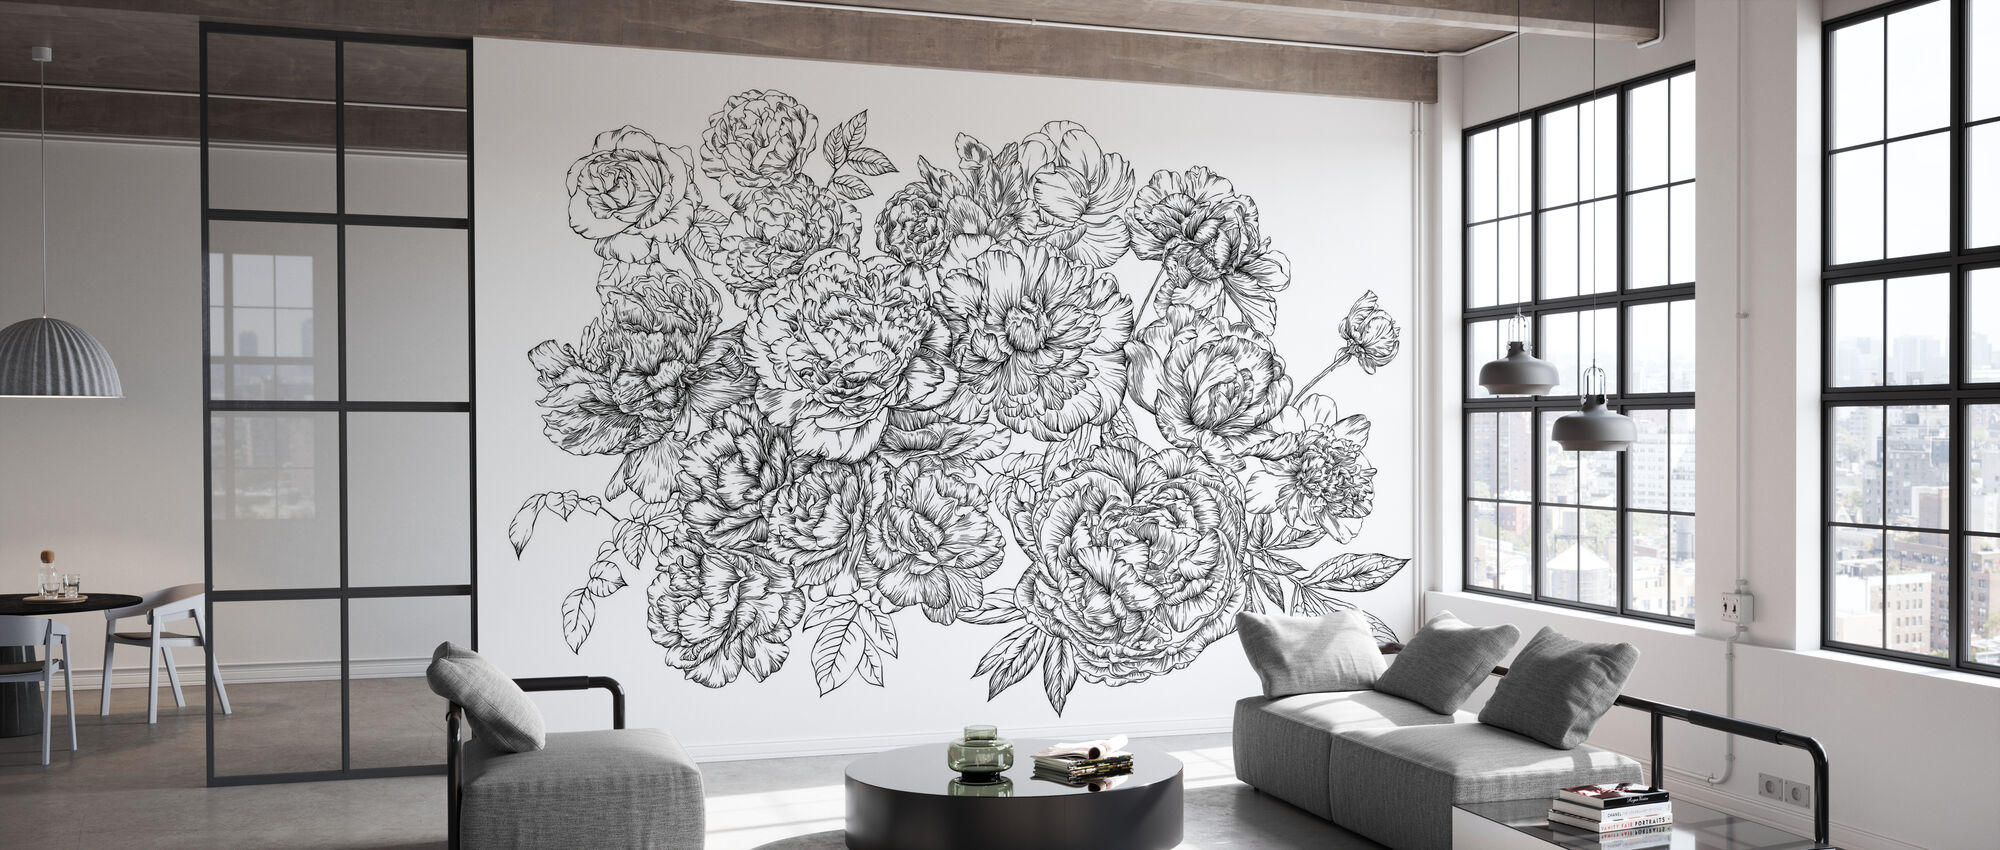 Blossom Outline - White - Wallpaper - Office